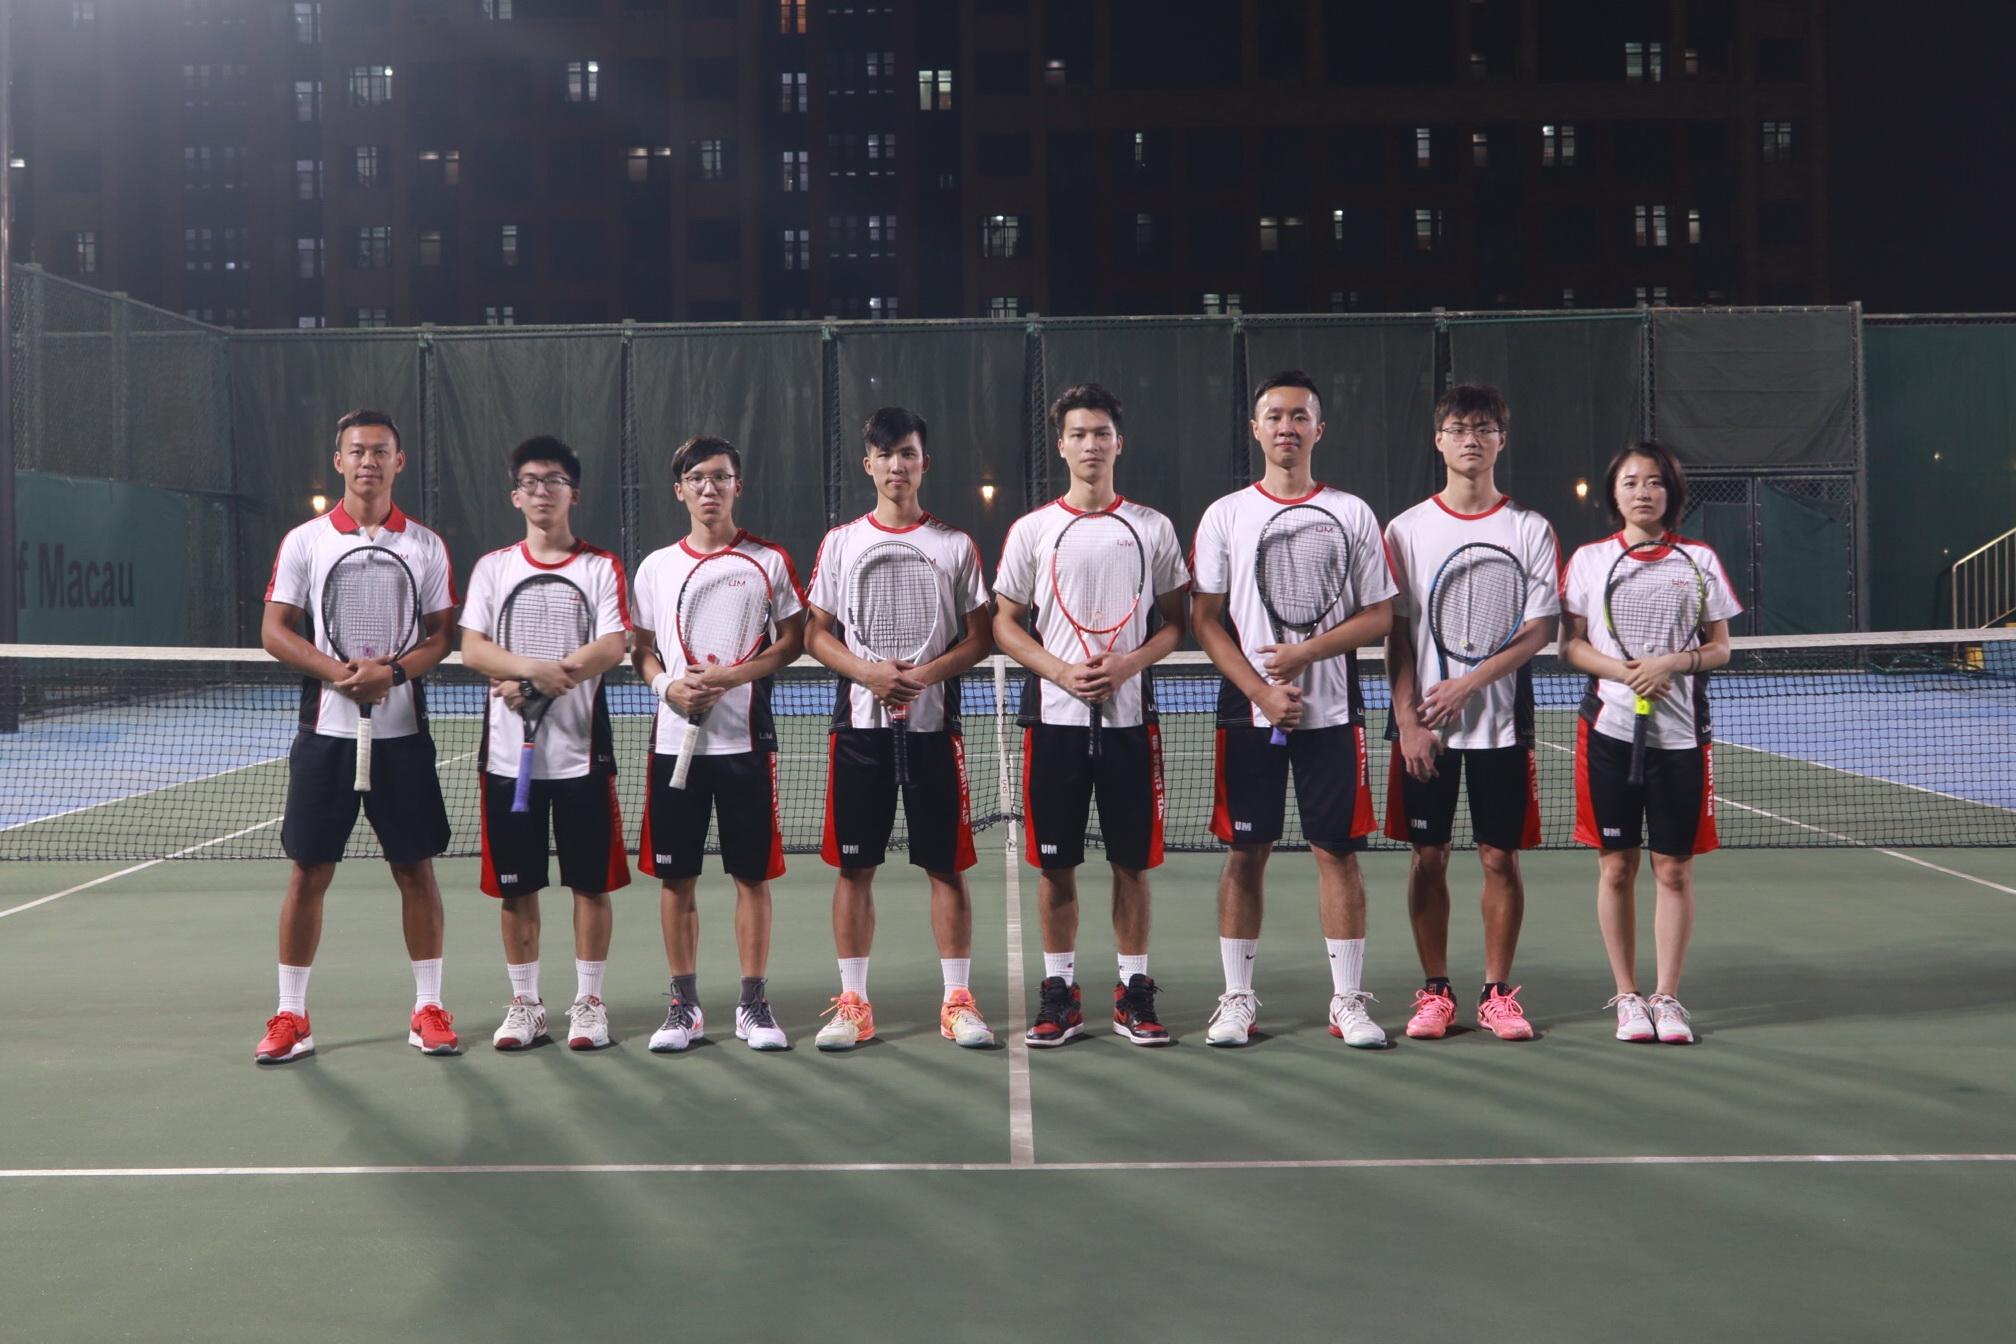 mizzou tennis team hosted - HD2016×1344